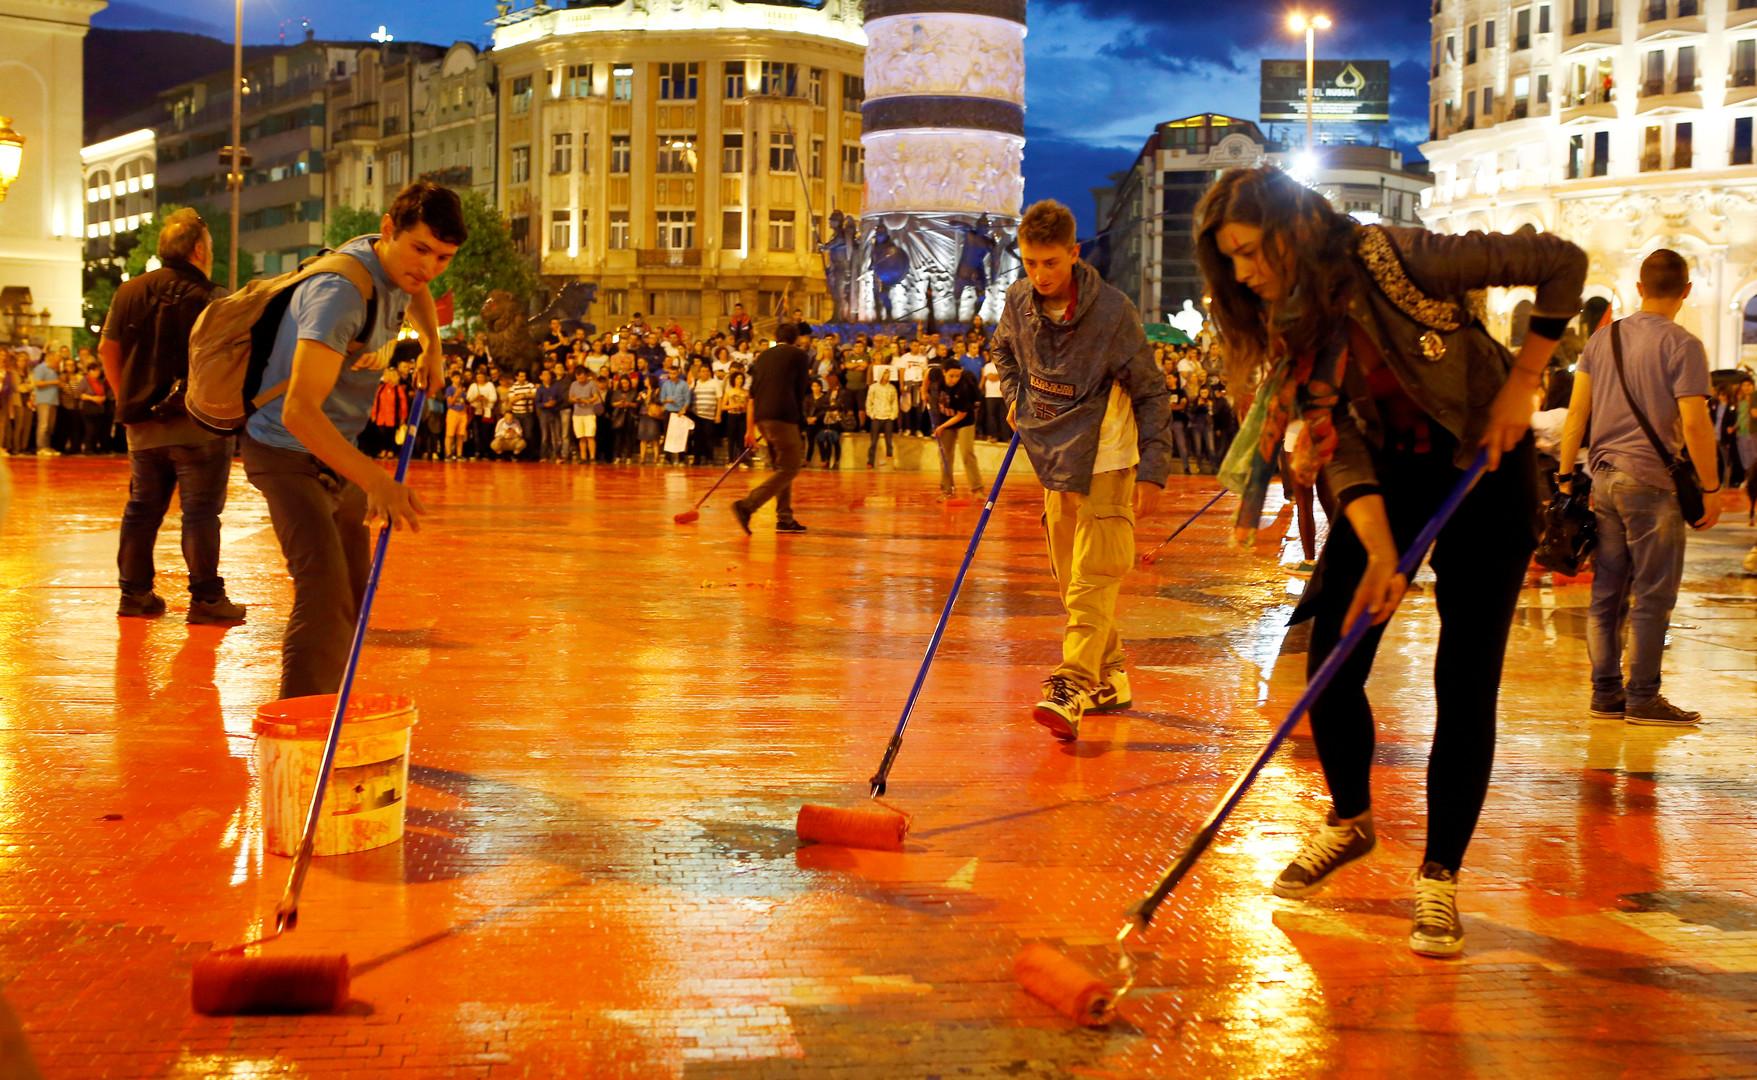 Акция протеста на площади в центре столицы Македонии.